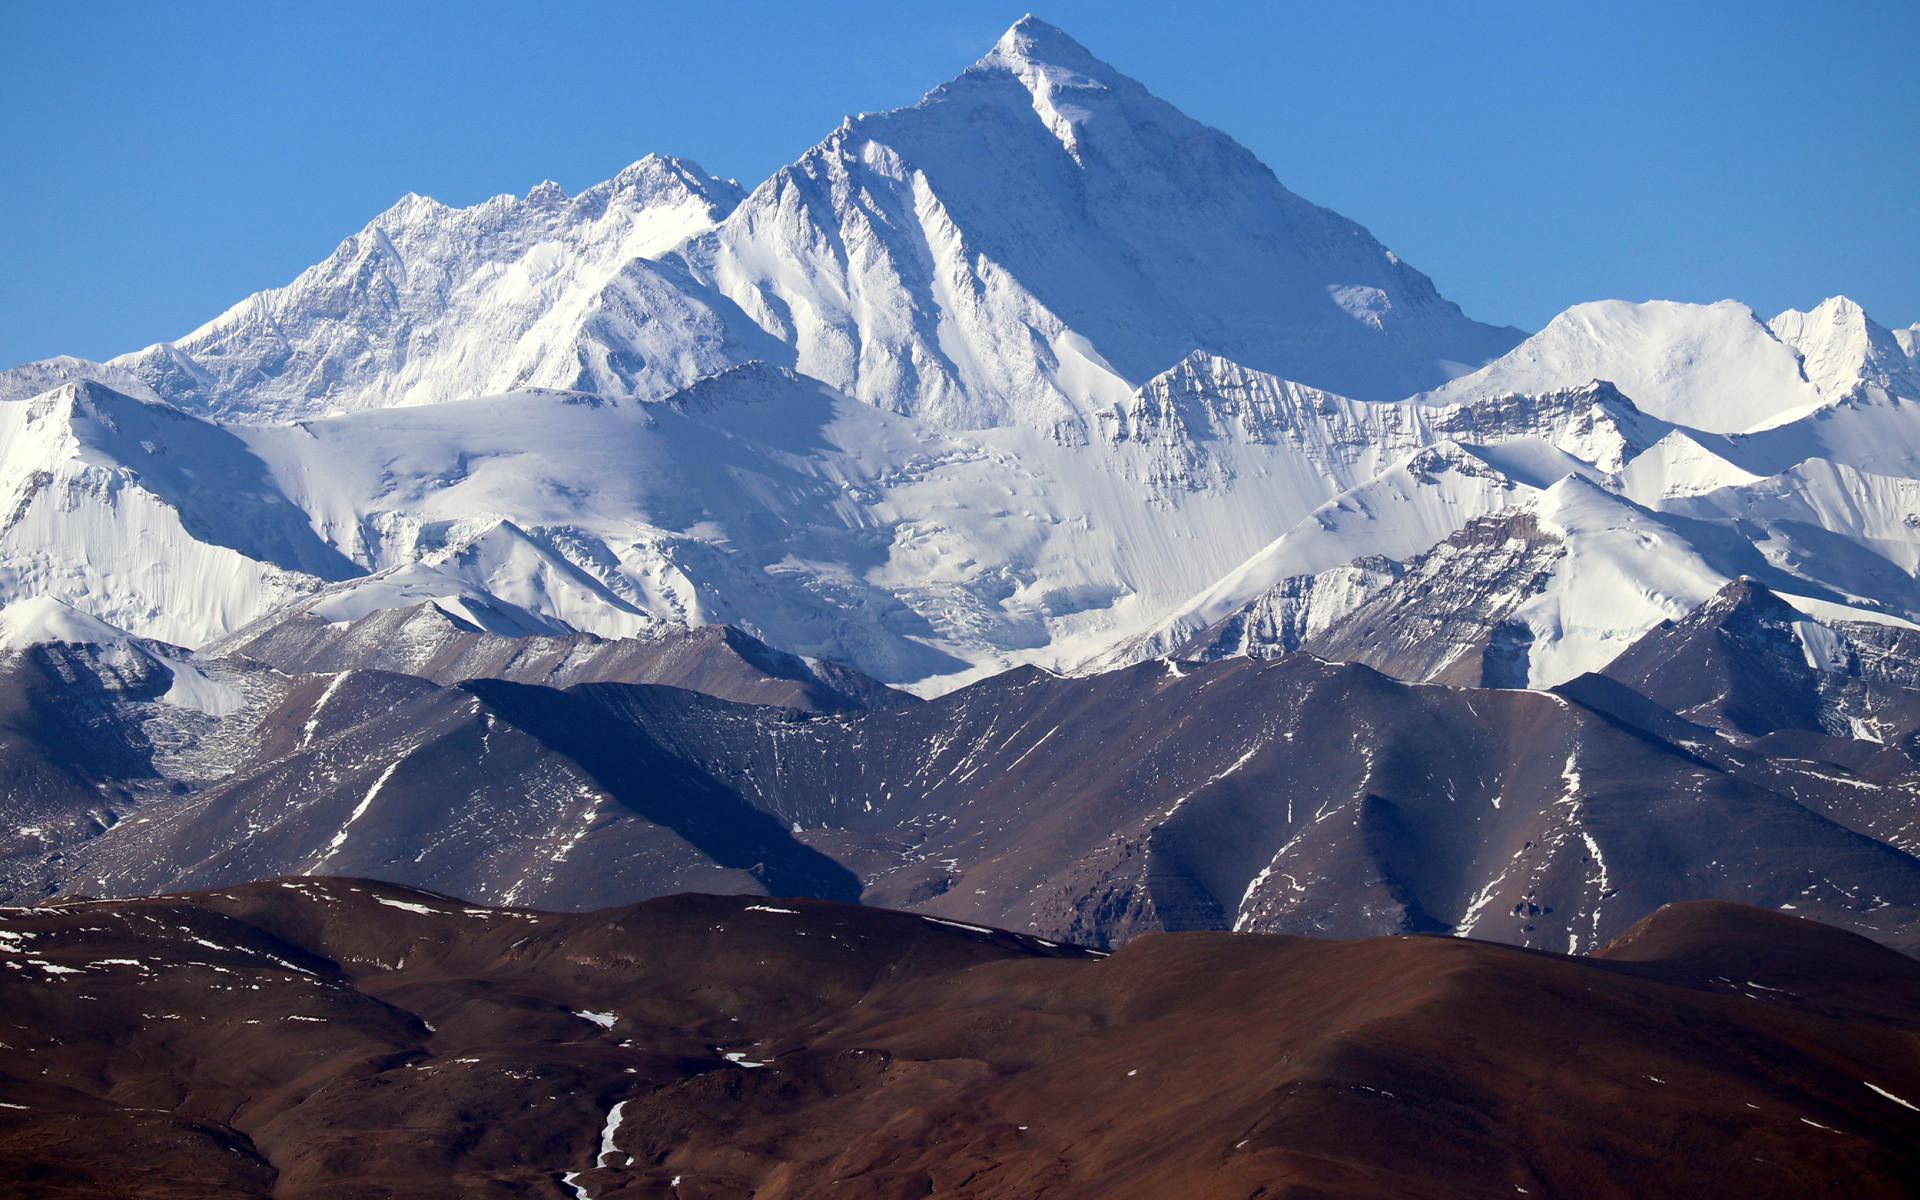 Die Faszination für den höchsten Berg der Welt ist ungebrochen.